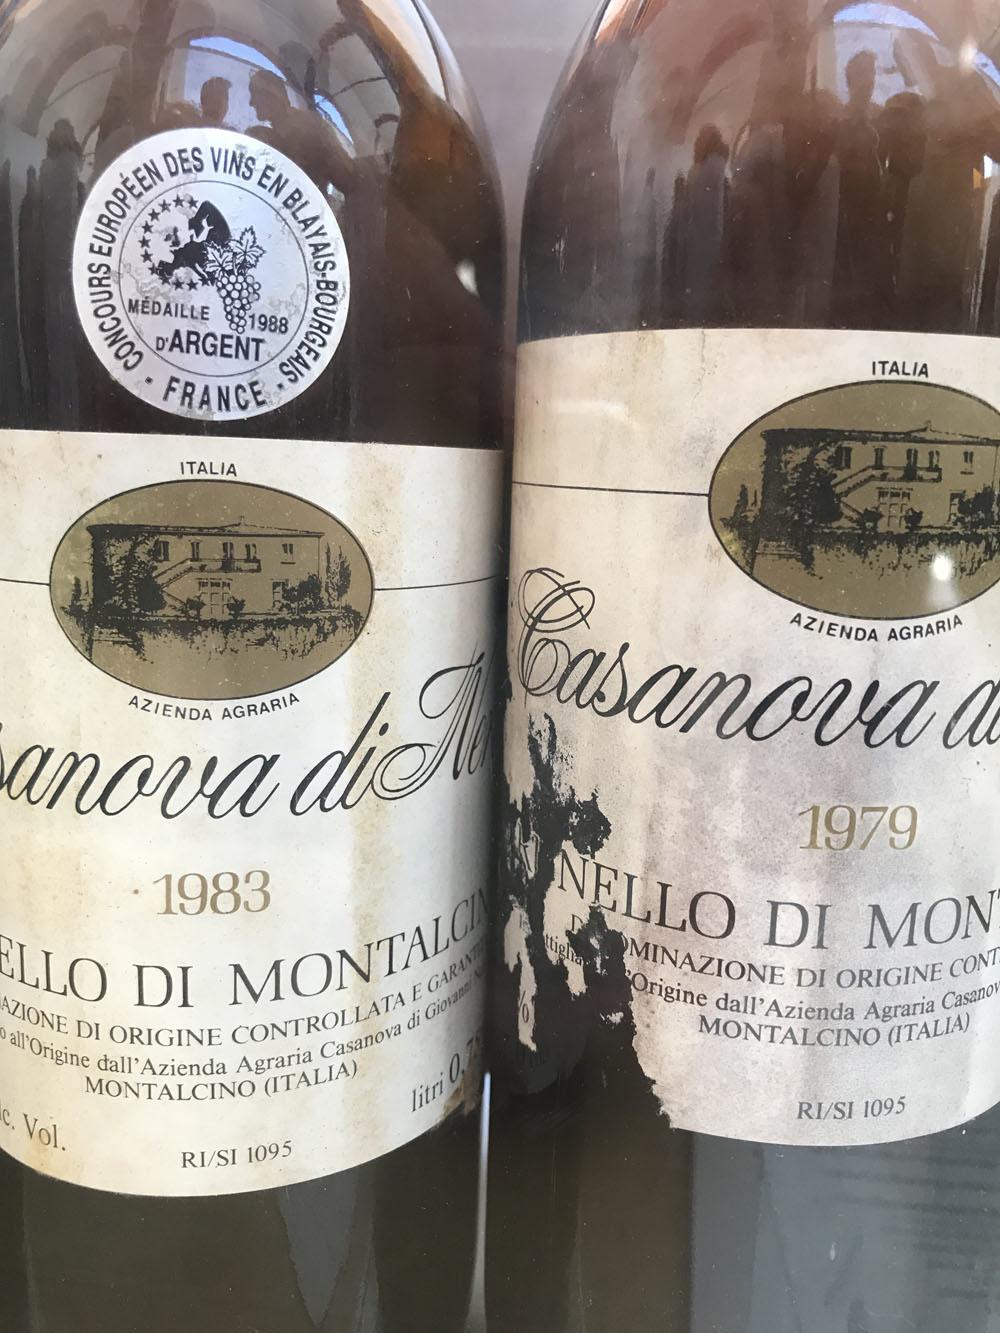 Oude oogstjaren Brunello di Montalcino - LongLiveBrunello evenement in Montalcino